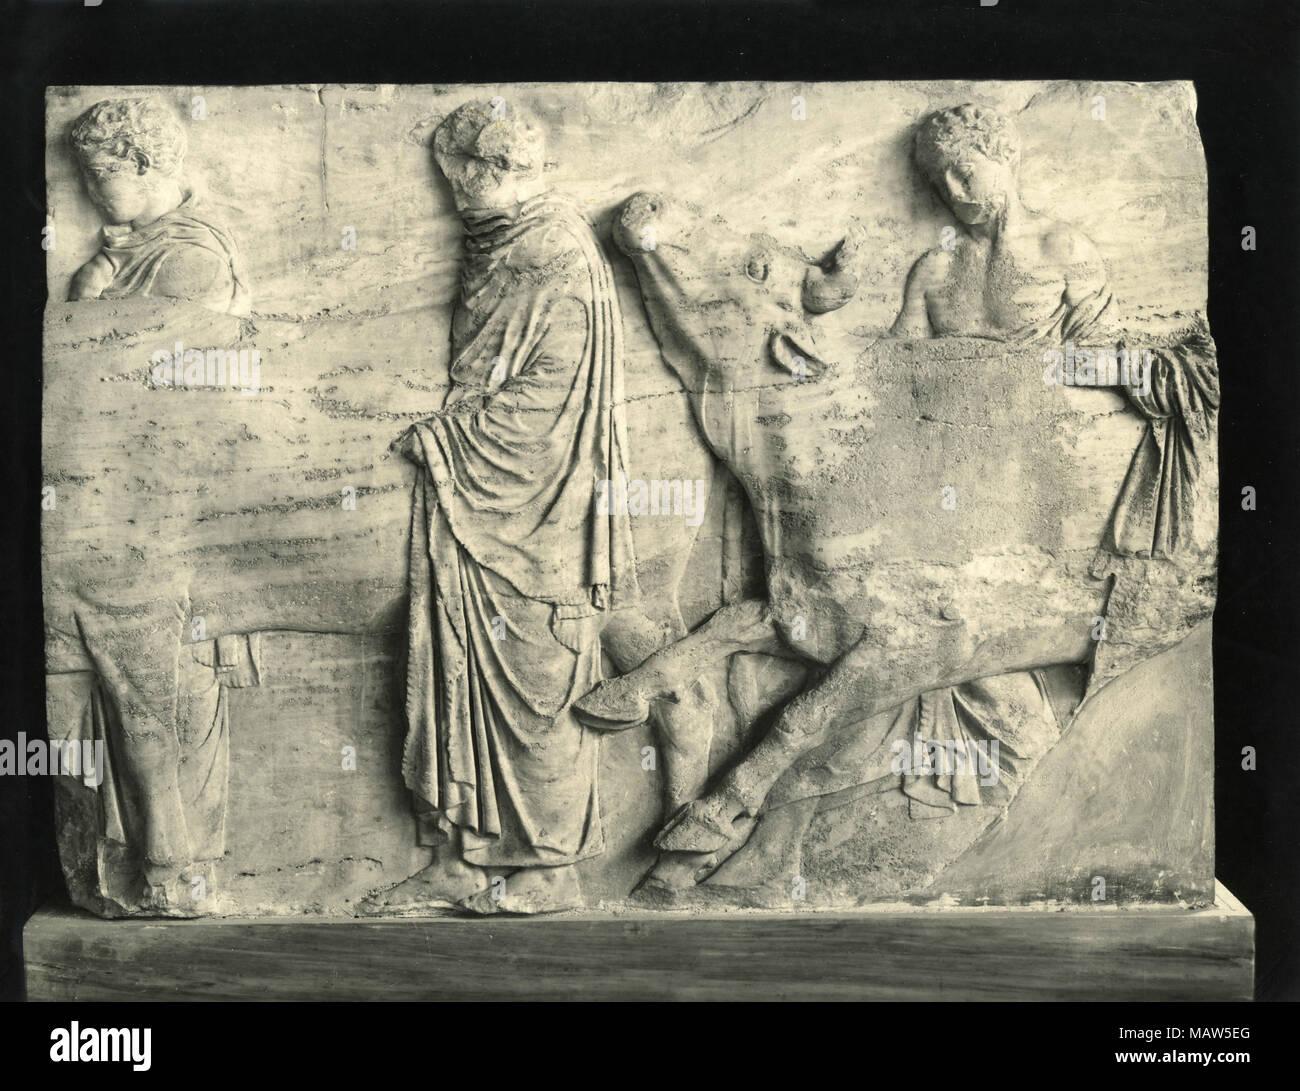 The Parthenon frieze, Athens, Greece - Stock Image